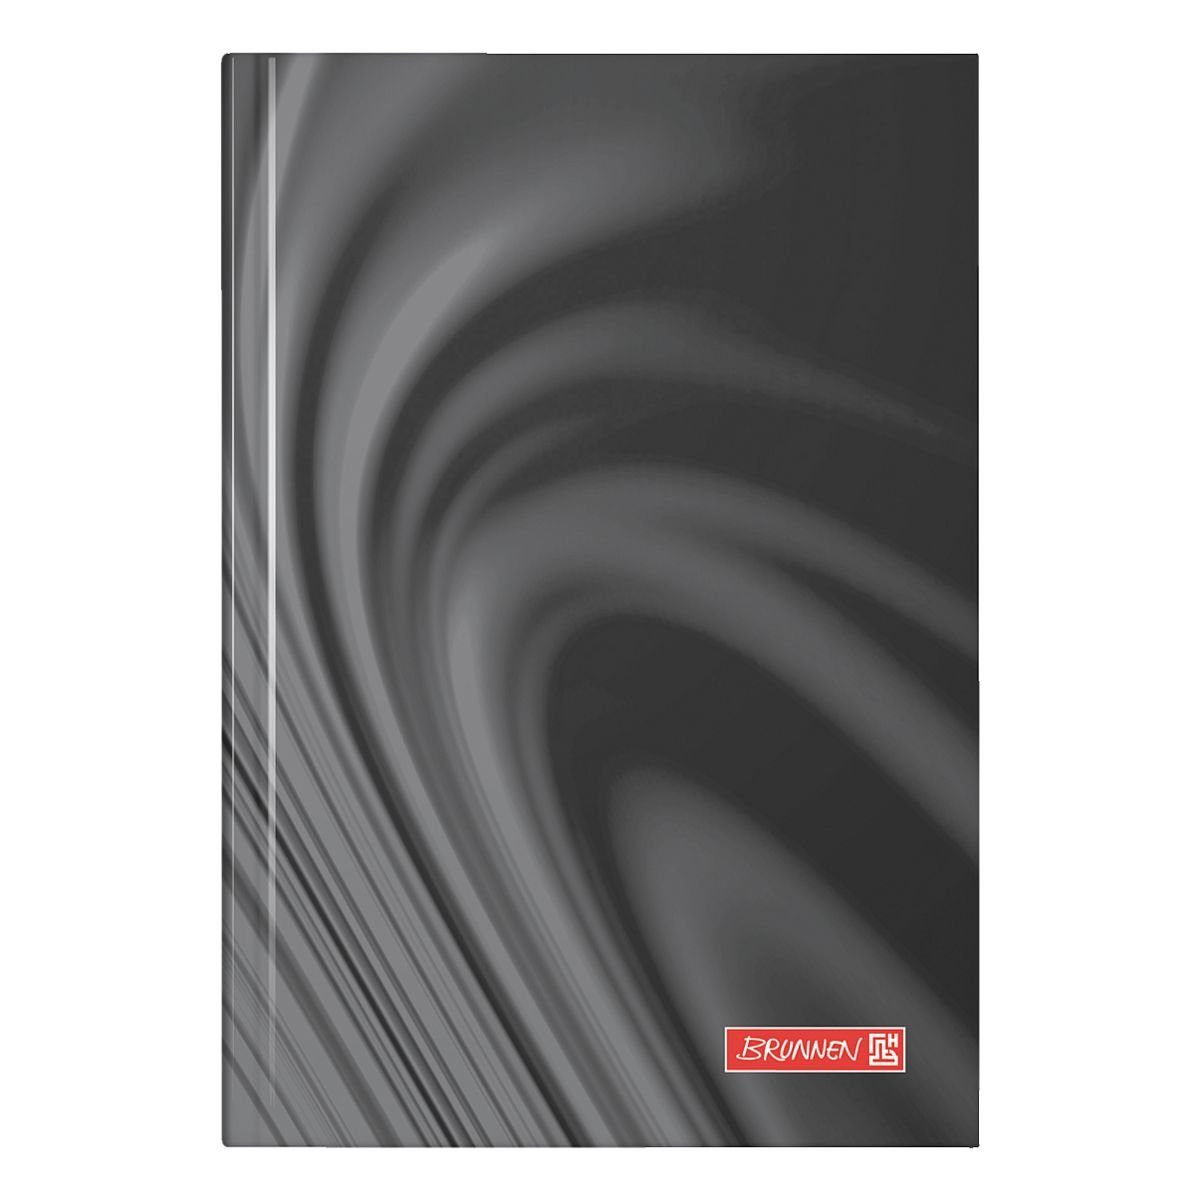 BRUNNEN Notizbuch A6 liniert - 192 Seiten »Vivendi«